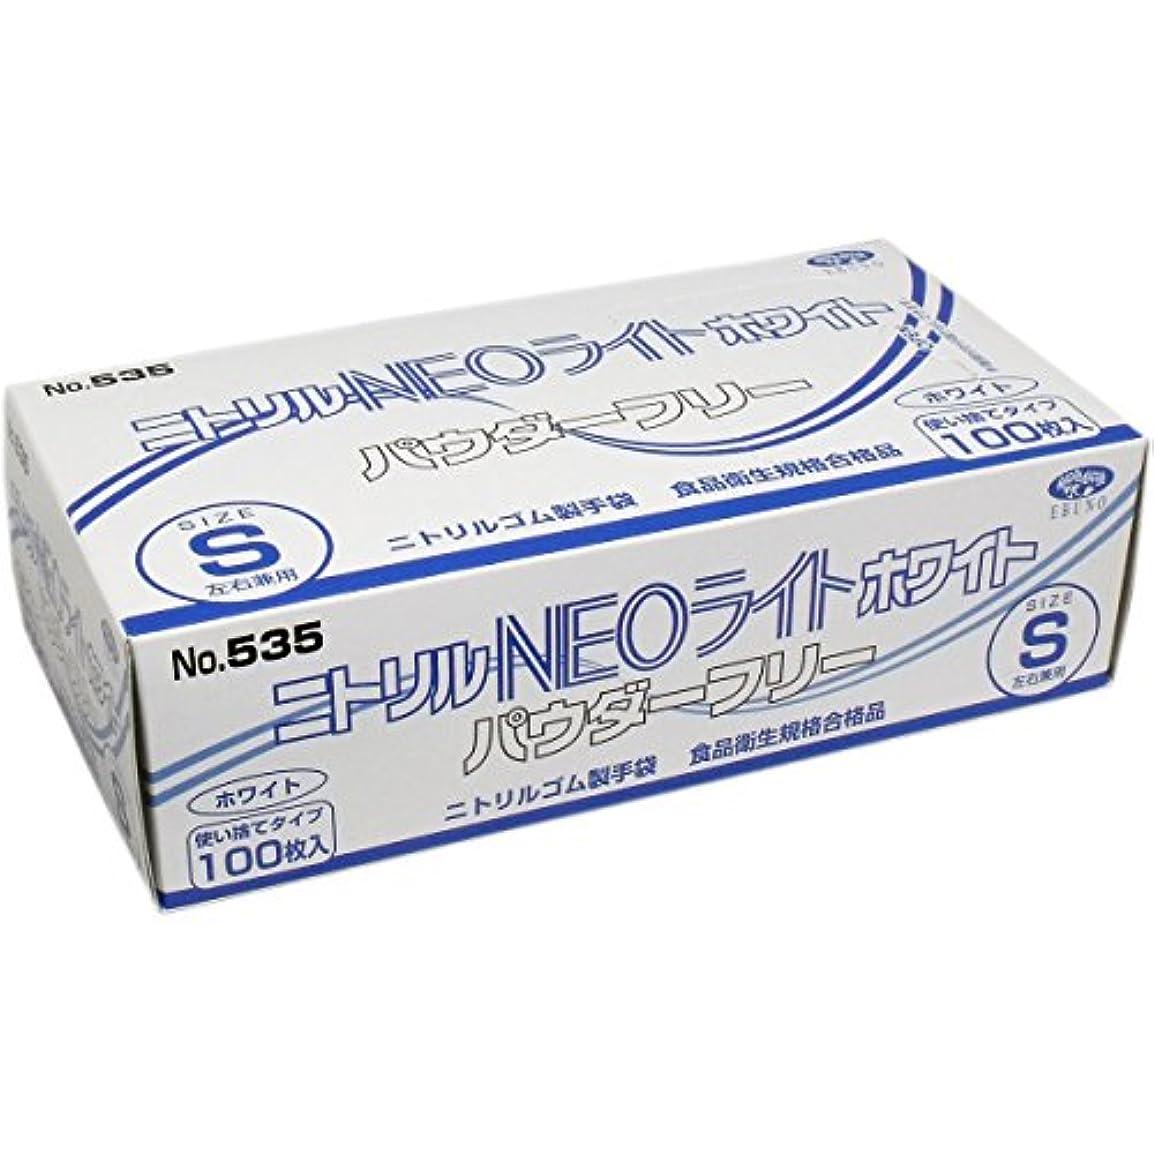 失われた小道熱心なニトリル手袋 NEOライト パウダーフリー ホワイト Sサイズ 100枚入【4個セット】